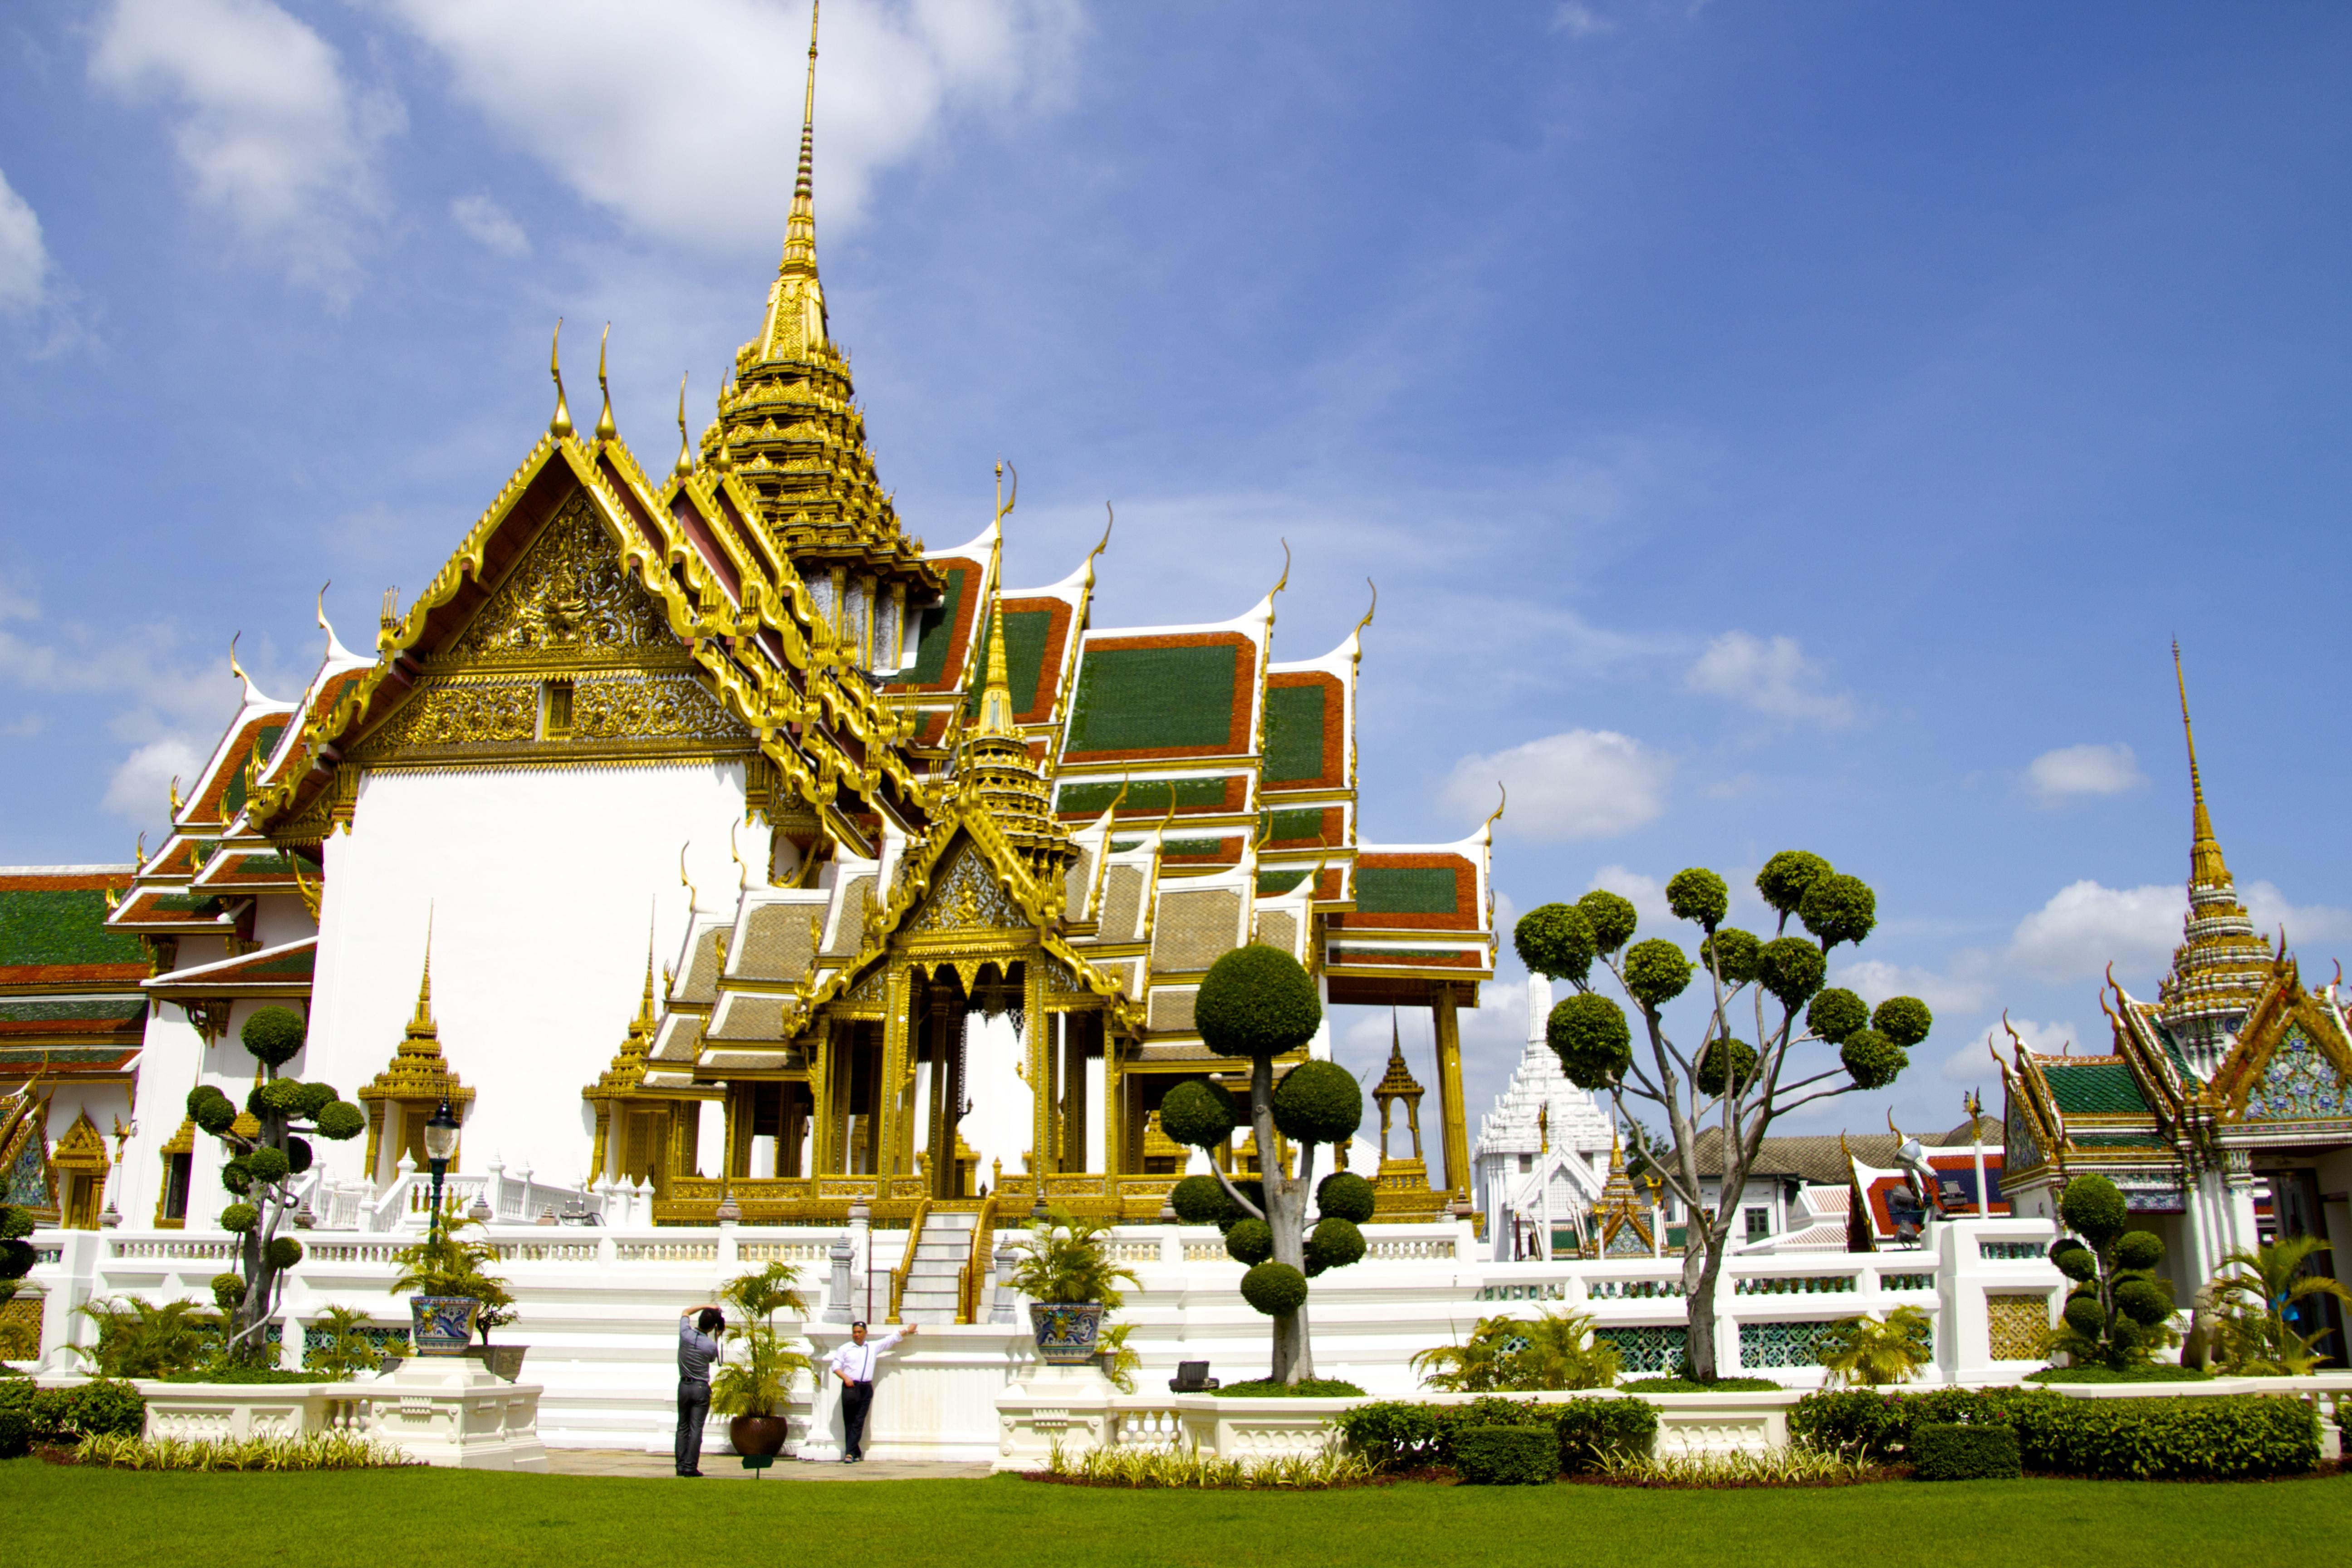 泰国泰双飞5晚6日跟团游<【千禧澜沙】升级一晚芭提雅Agoda国际五星级酒店 SL A01>